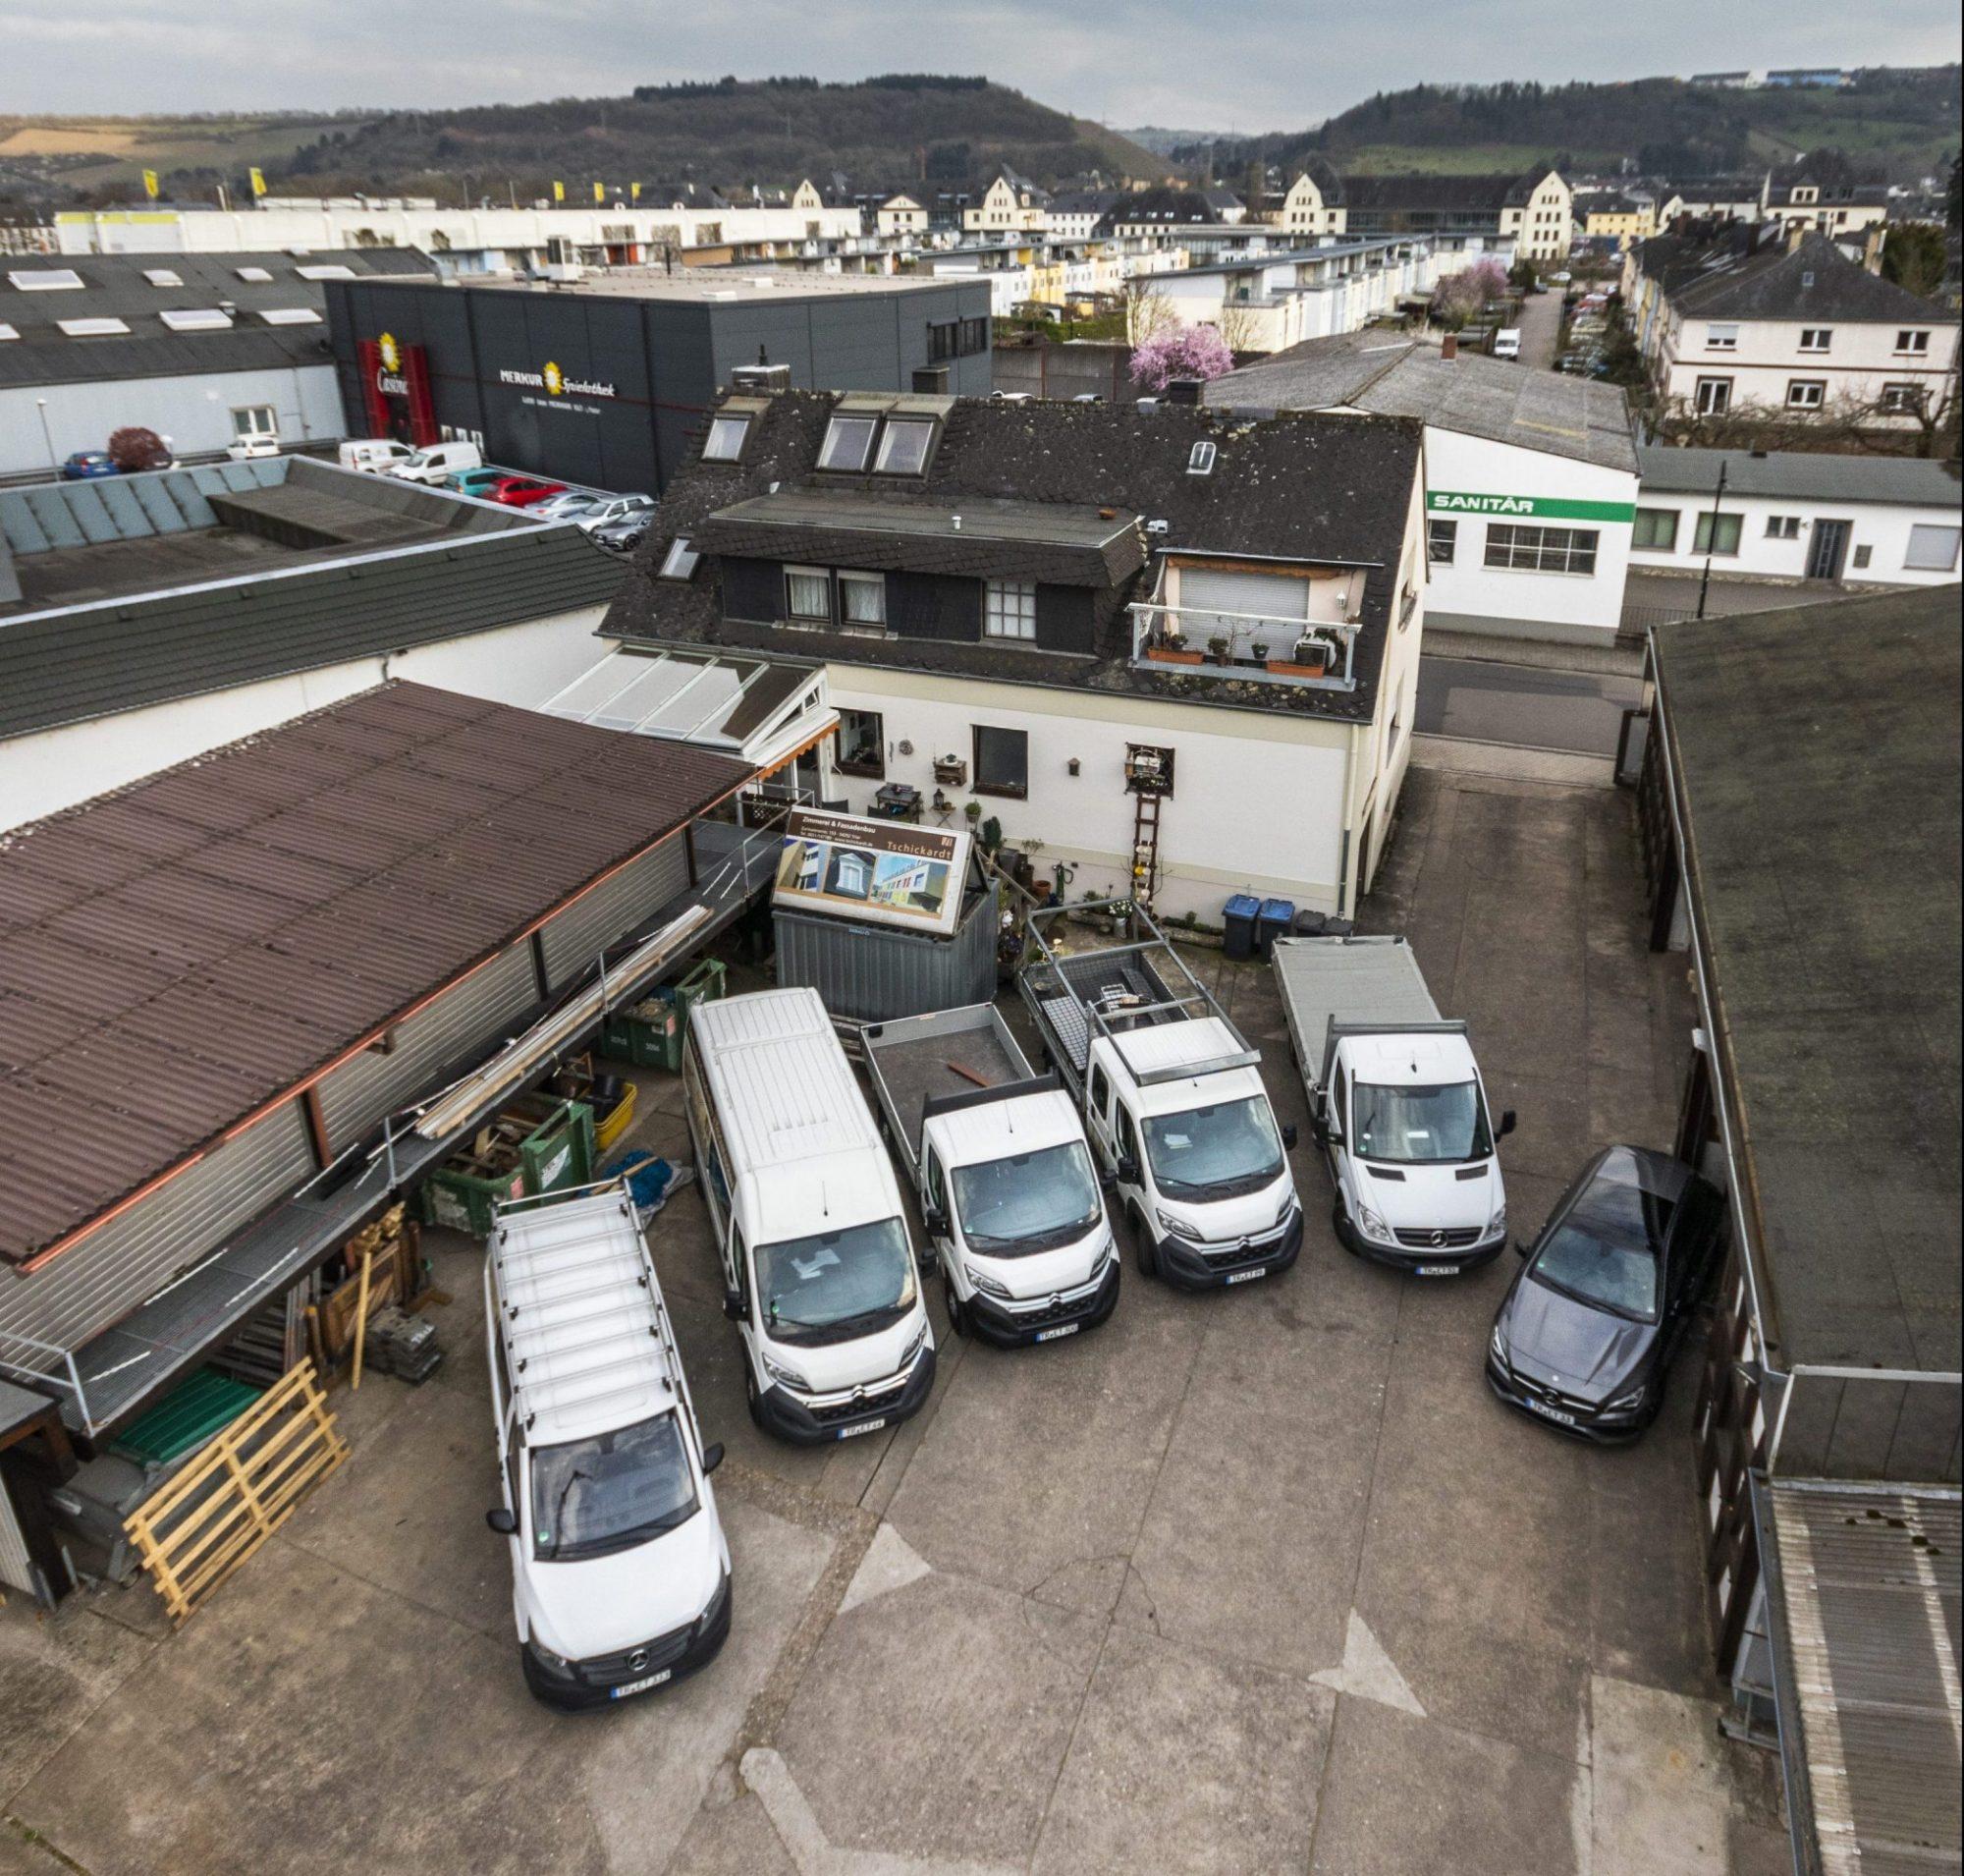 Zimmerei Tschickardt Firmengebäude und Firmenwagen aus der Vogelperspektive